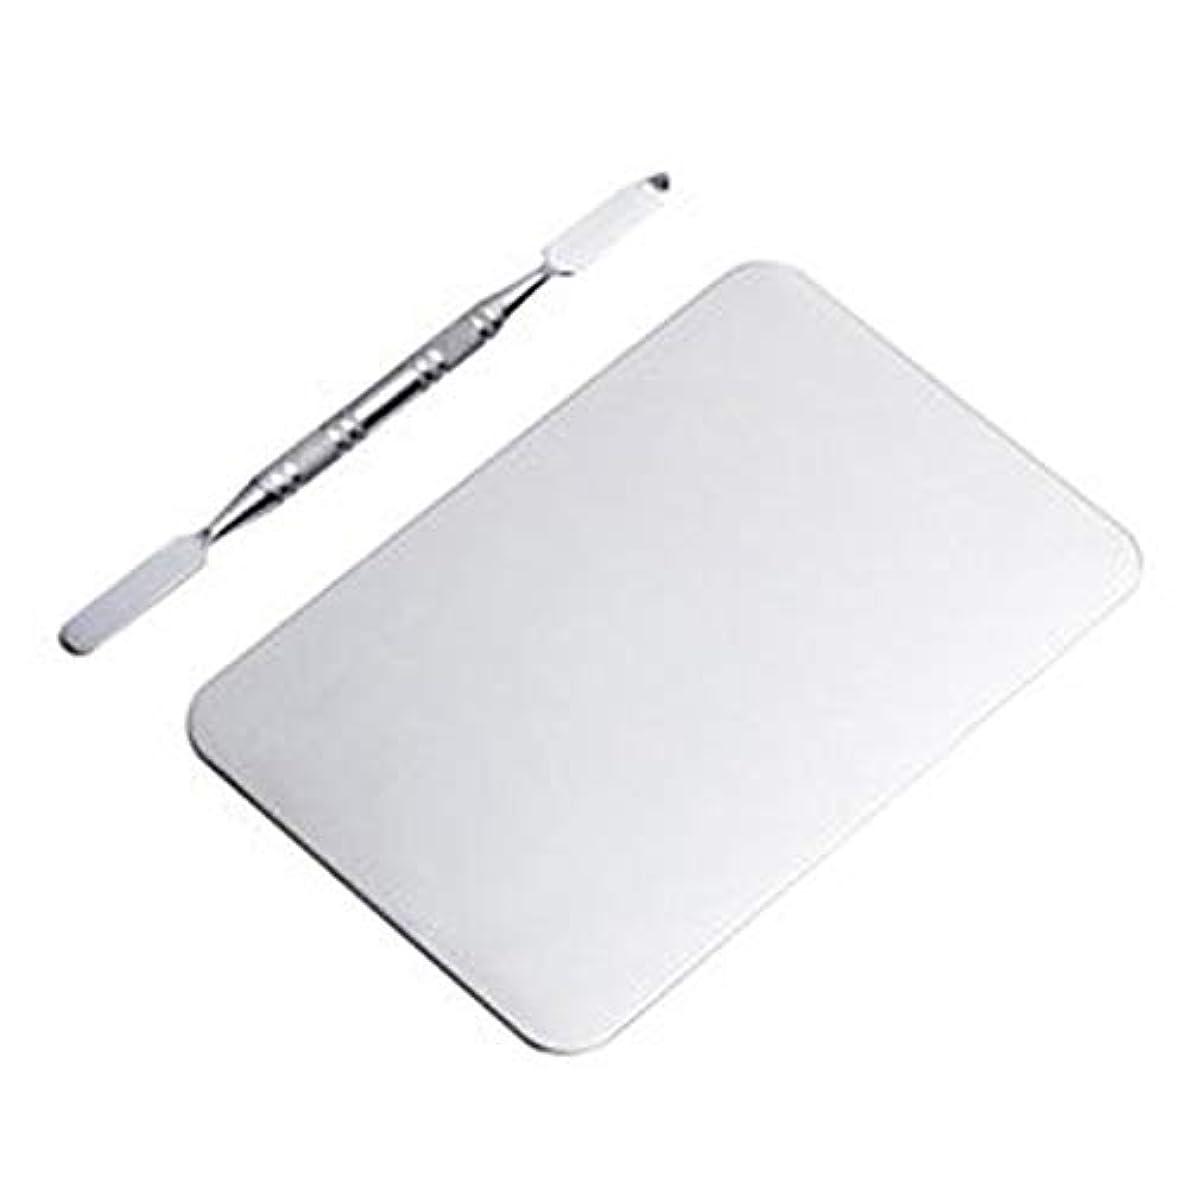 電子レンジ矛盾する請求可能サロン マニキュア カラーパレット メイクアップクリームファンデーションミキシングパレット 化粧品メイクアップツール ステンレス鋼板(115x75MM) (Color : Nonporous)